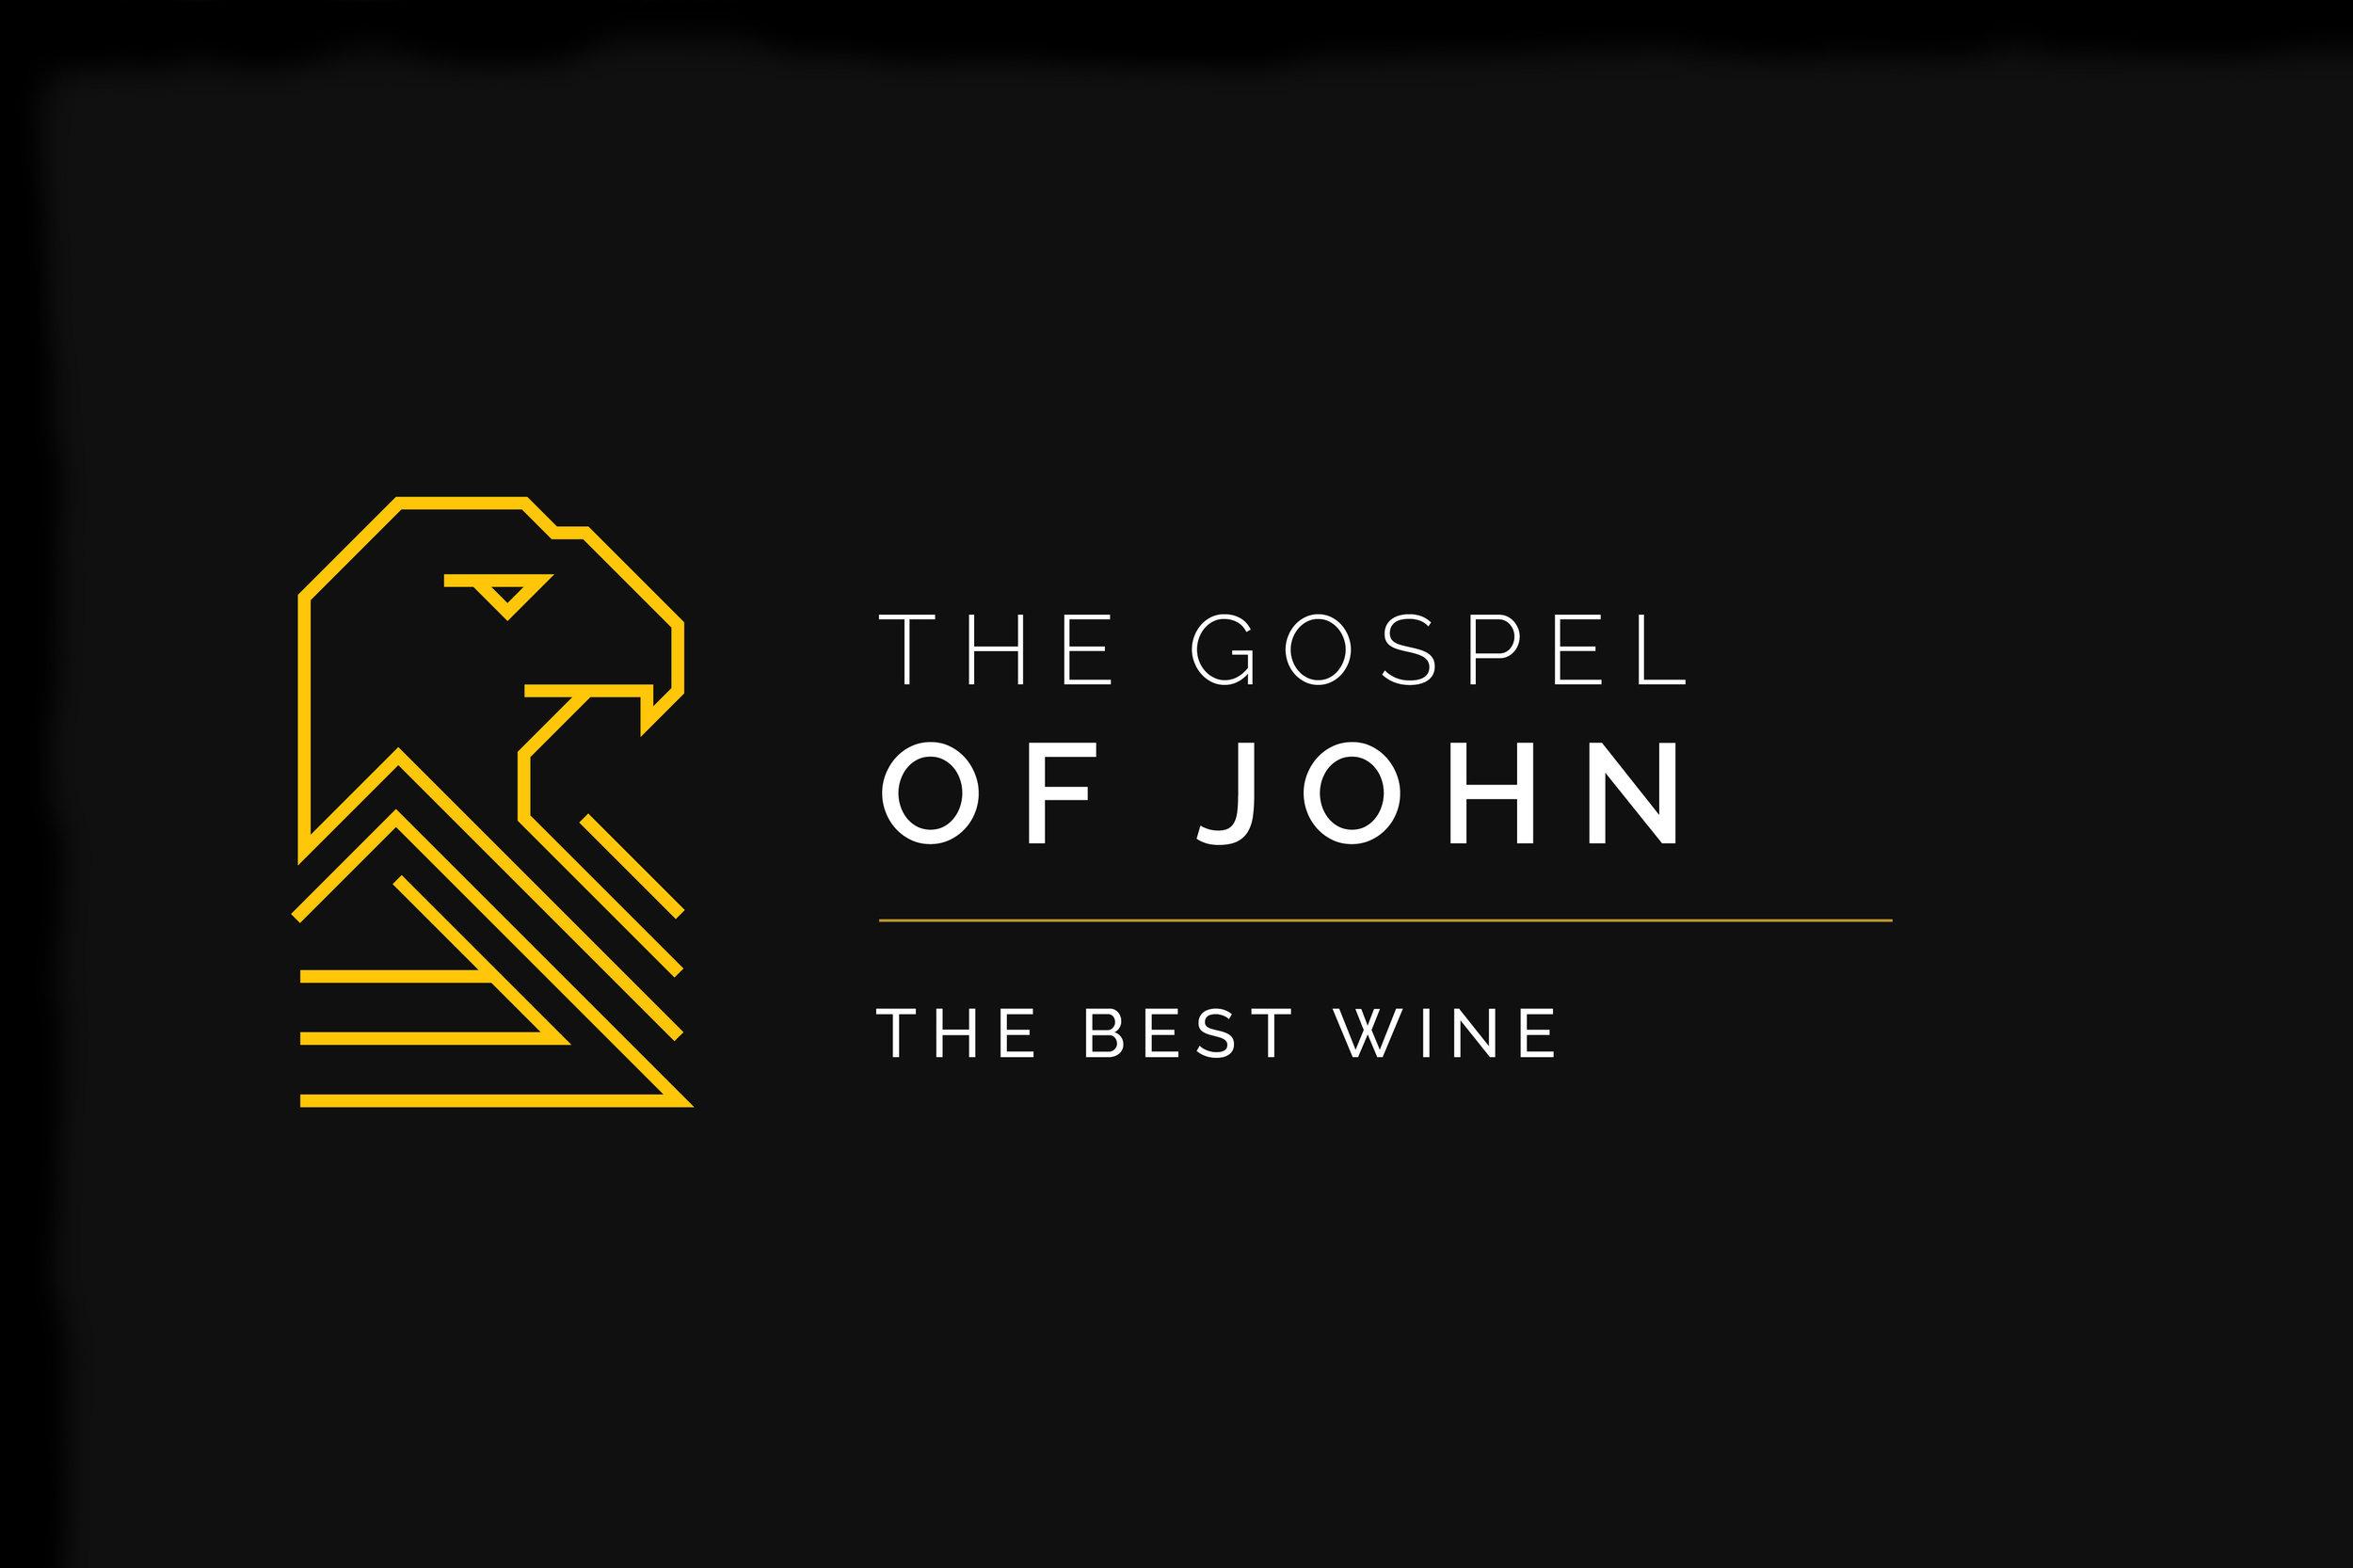 02 The-Gospel-of-John--The-Best-Wine.jpg